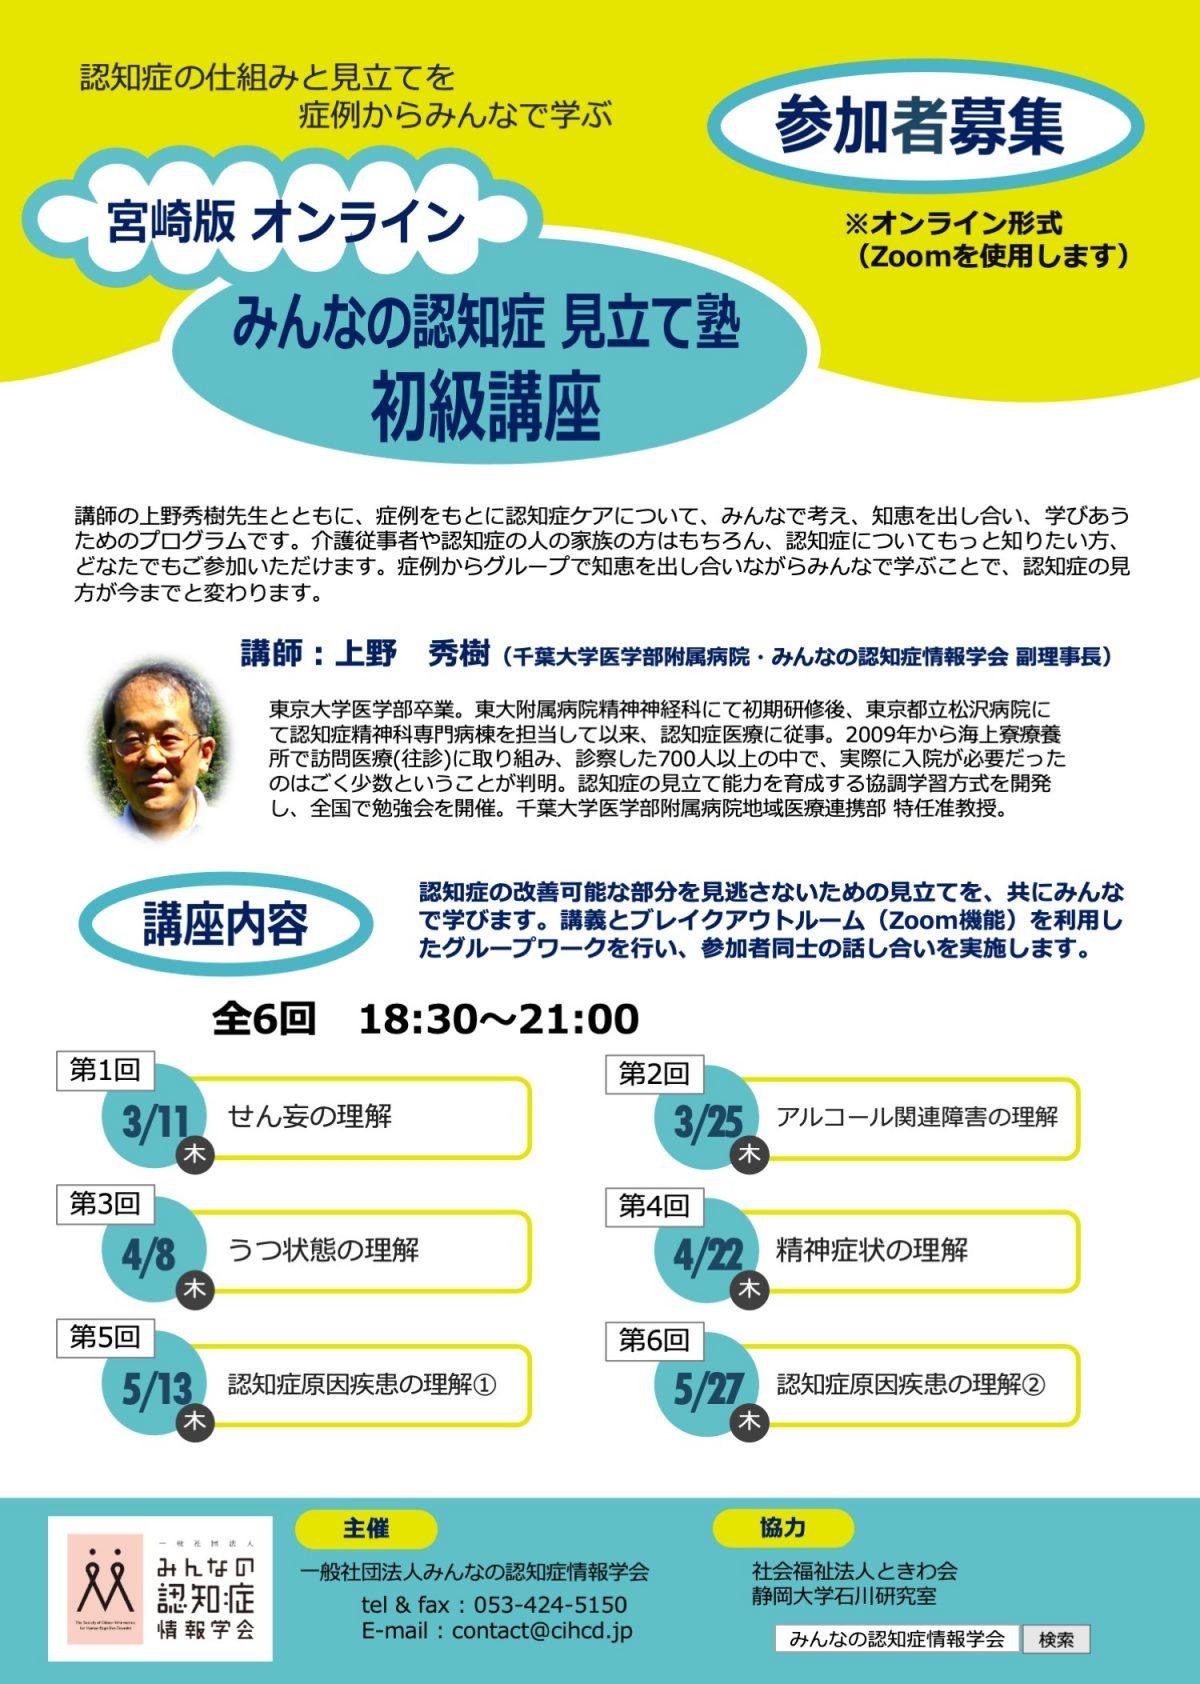 [3/11〜5/27] 宮崎版オンライン みんなの認知症見立て塾 初級講座 開催のご案内